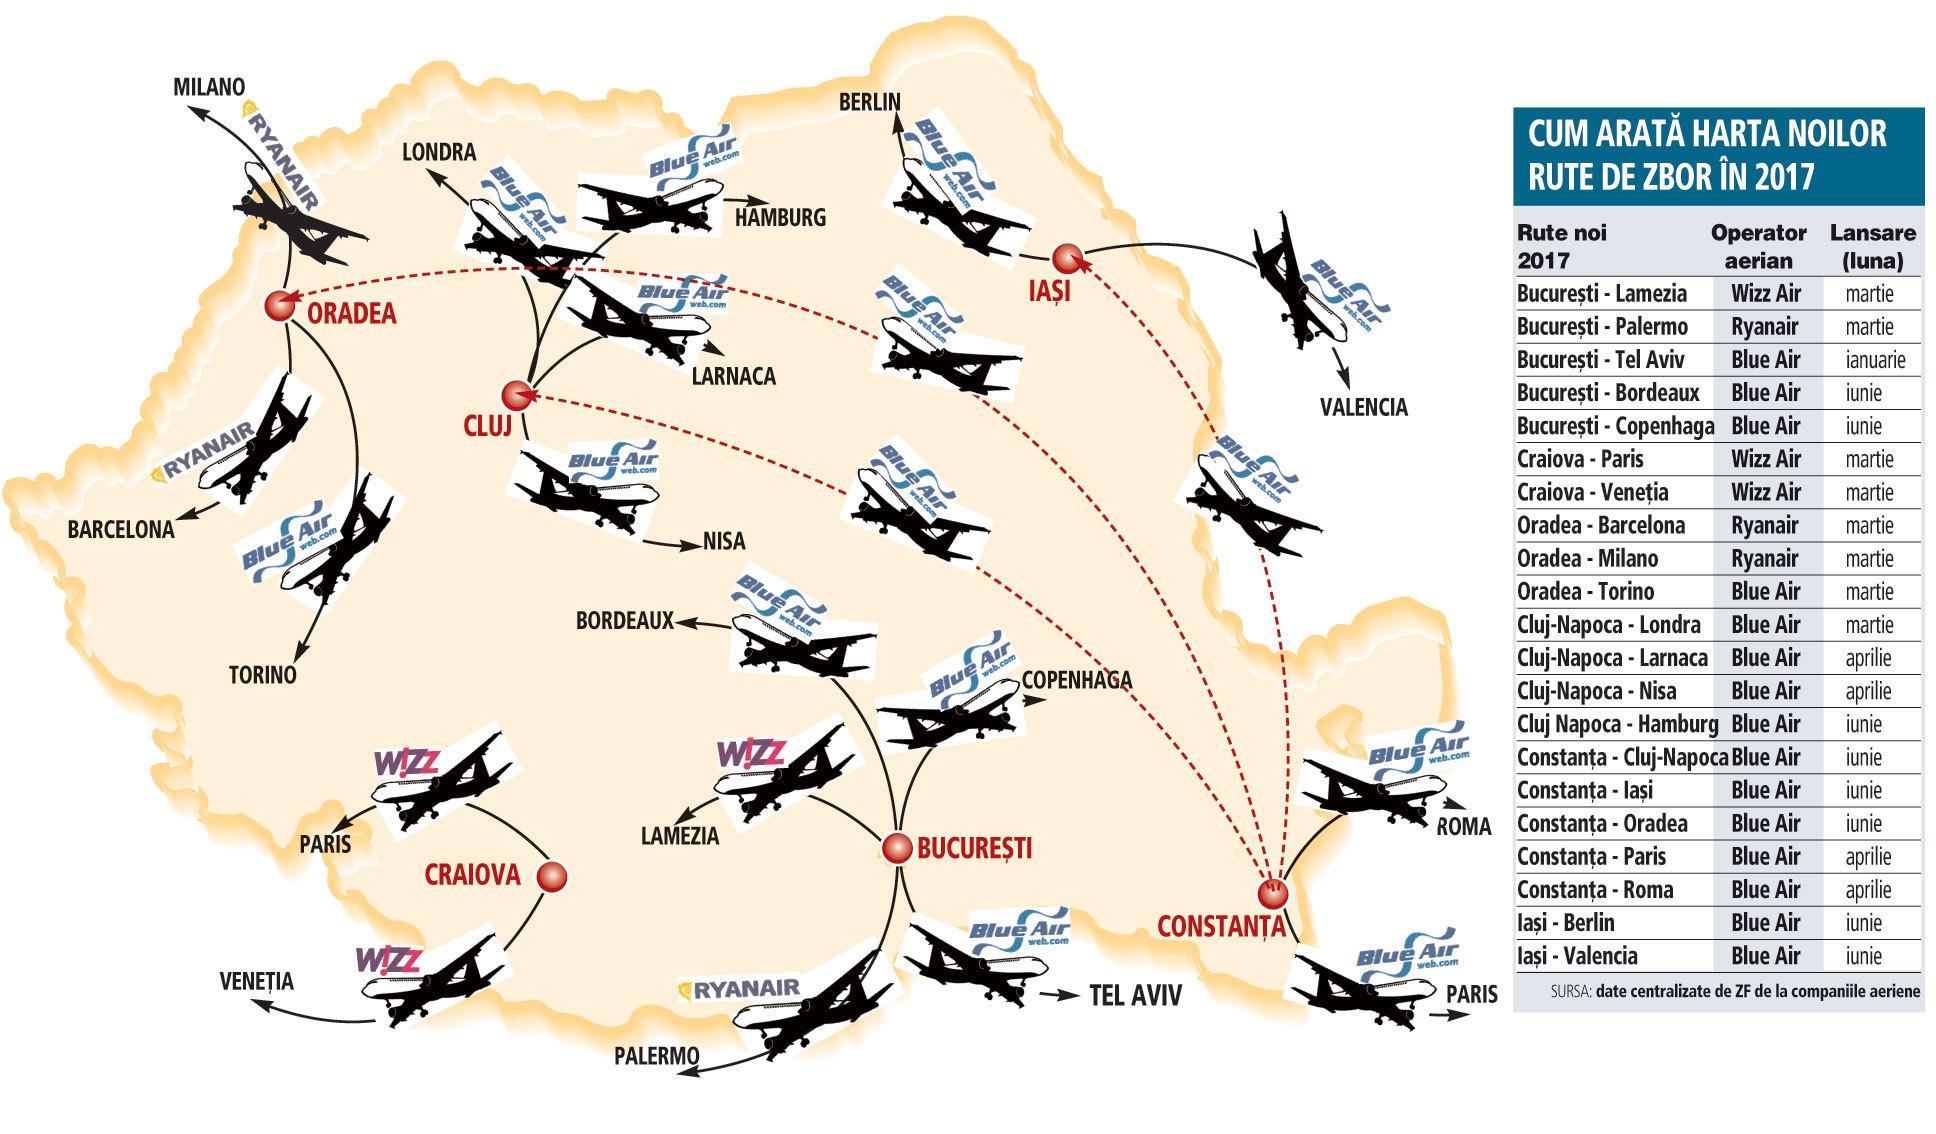 Harta Noilor Rute Aeriene In 2017 Zborurile Din Constanţa Cluj